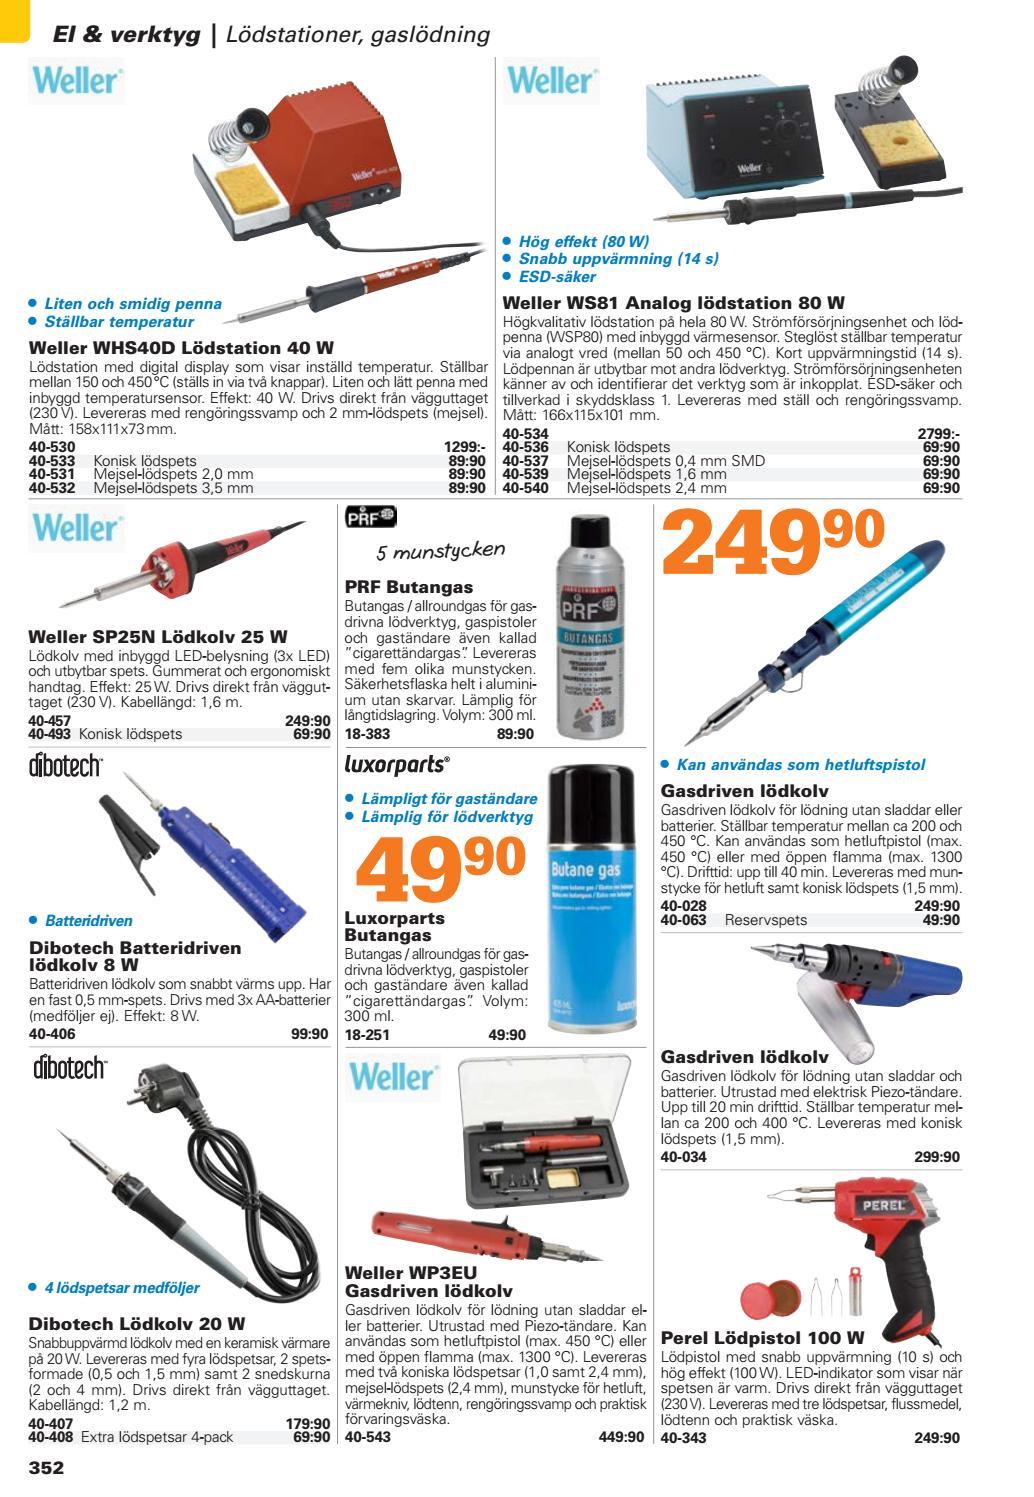 Unika Kjell & Company Katalog 44 Sverige - Kapitel 4: El och verktyg by DV-66